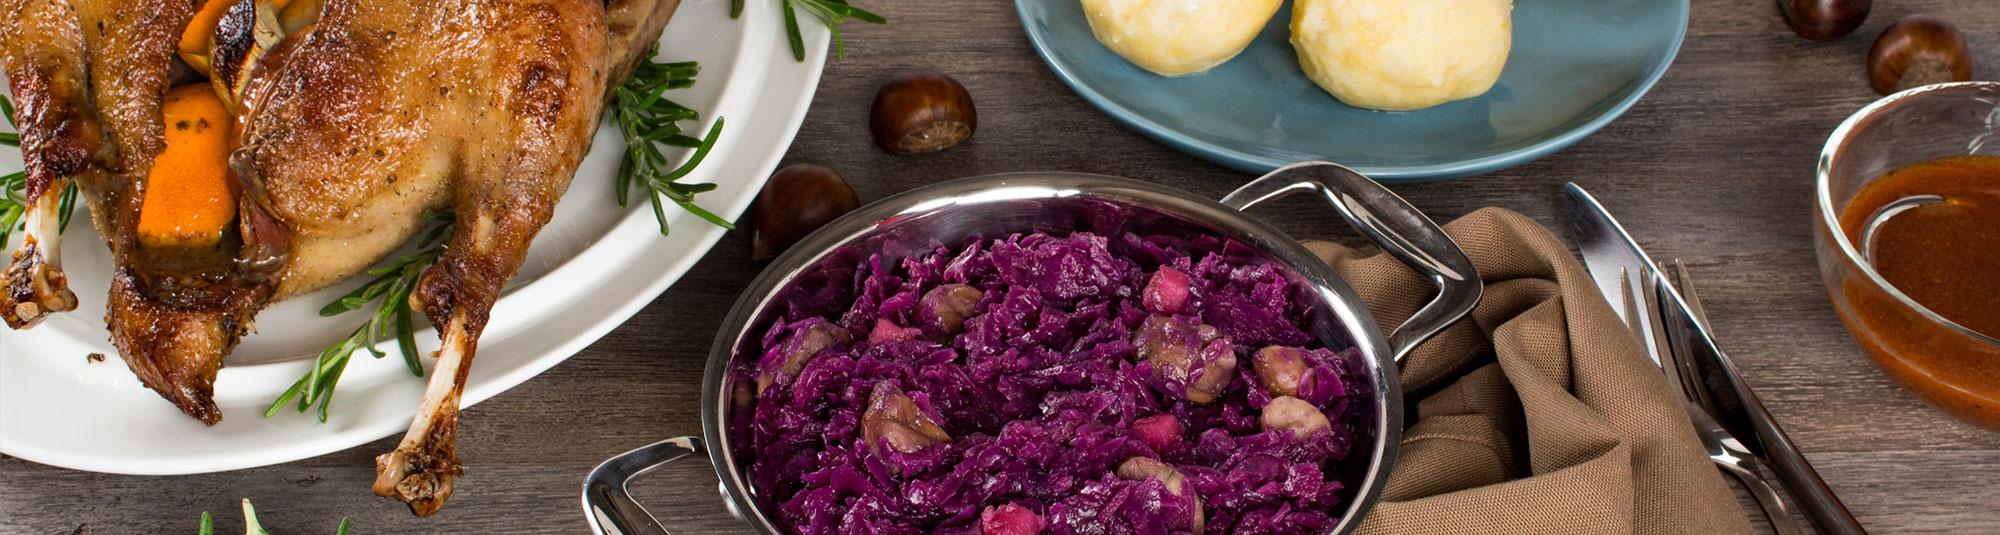 Iglo Gans mit Maronirotkraut und Kartoffelknödel